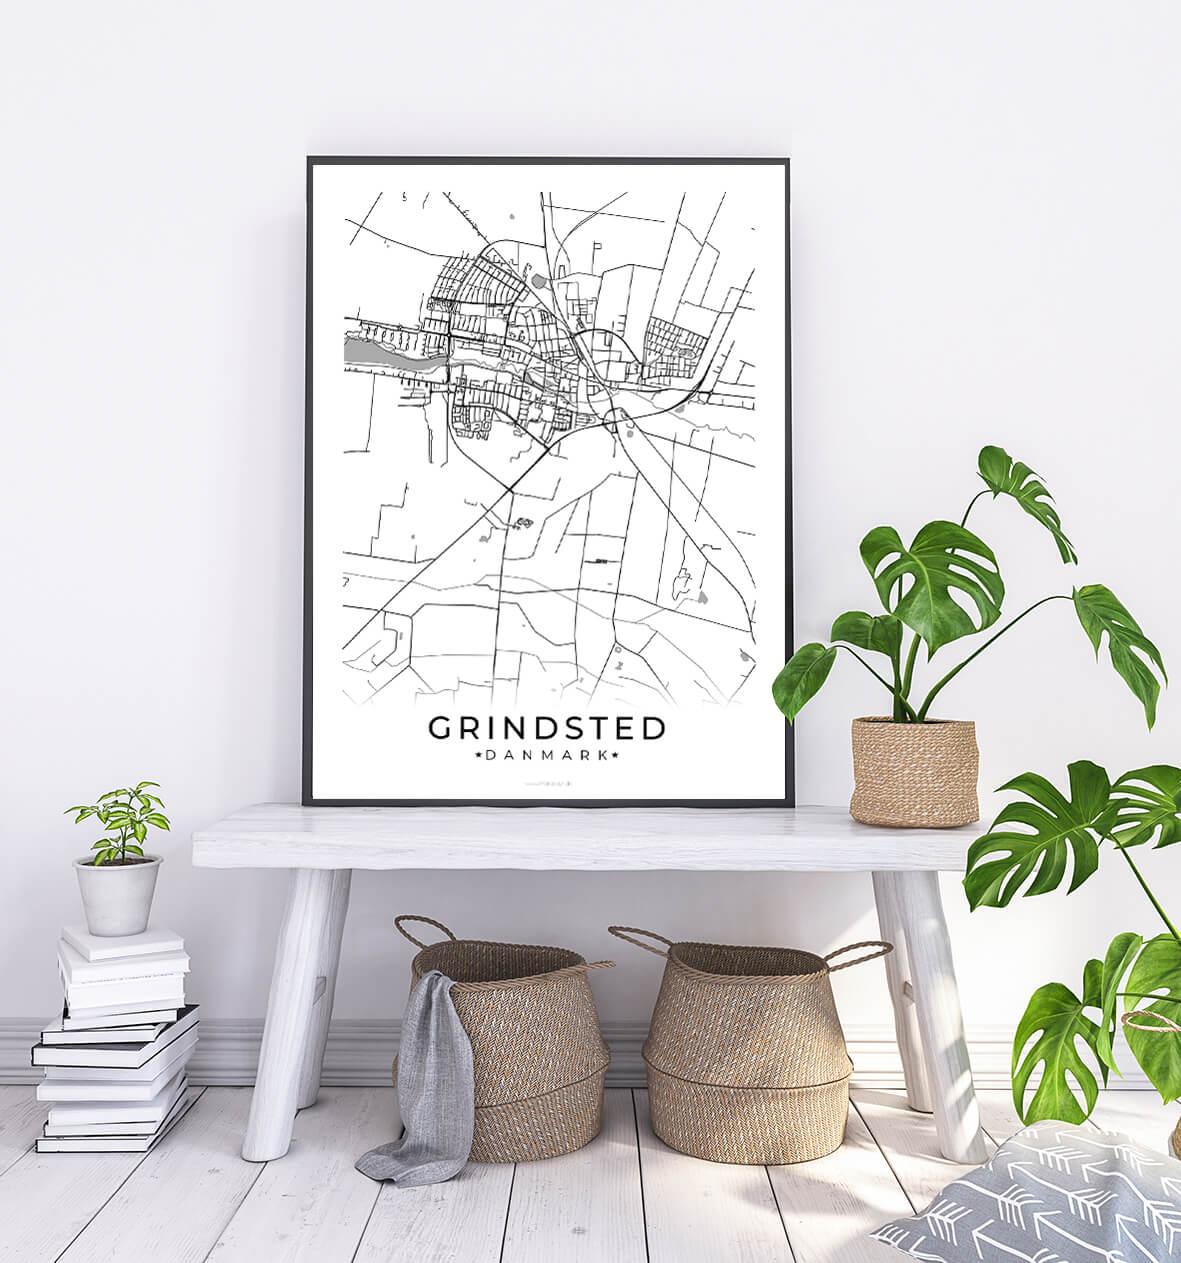 Grindsted-hvid-byplakat-1